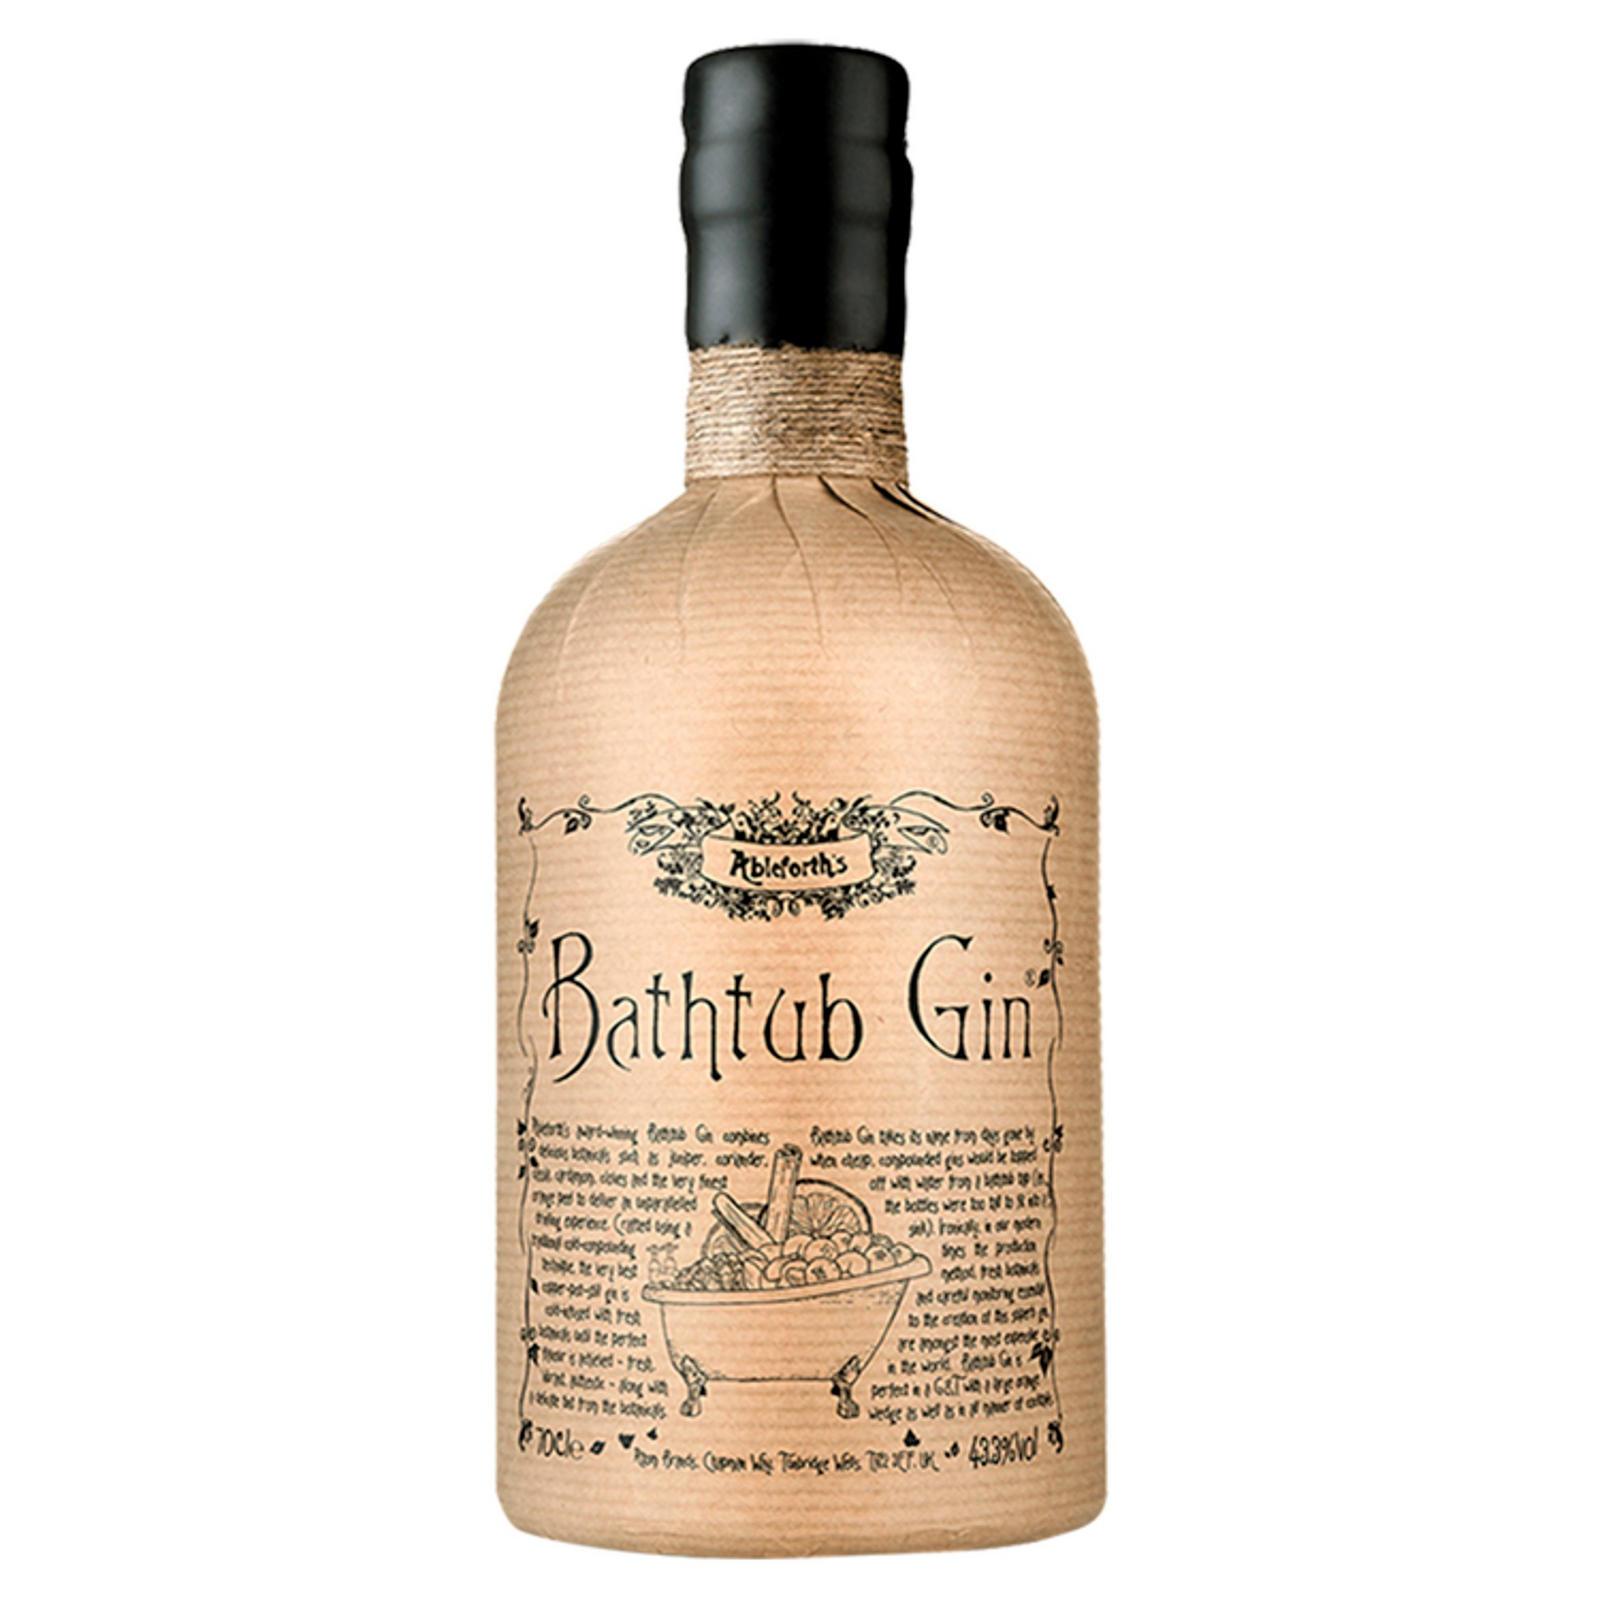 Bathtub Gin 0.7L (43.3% Vol.) - Bathtub - Gin